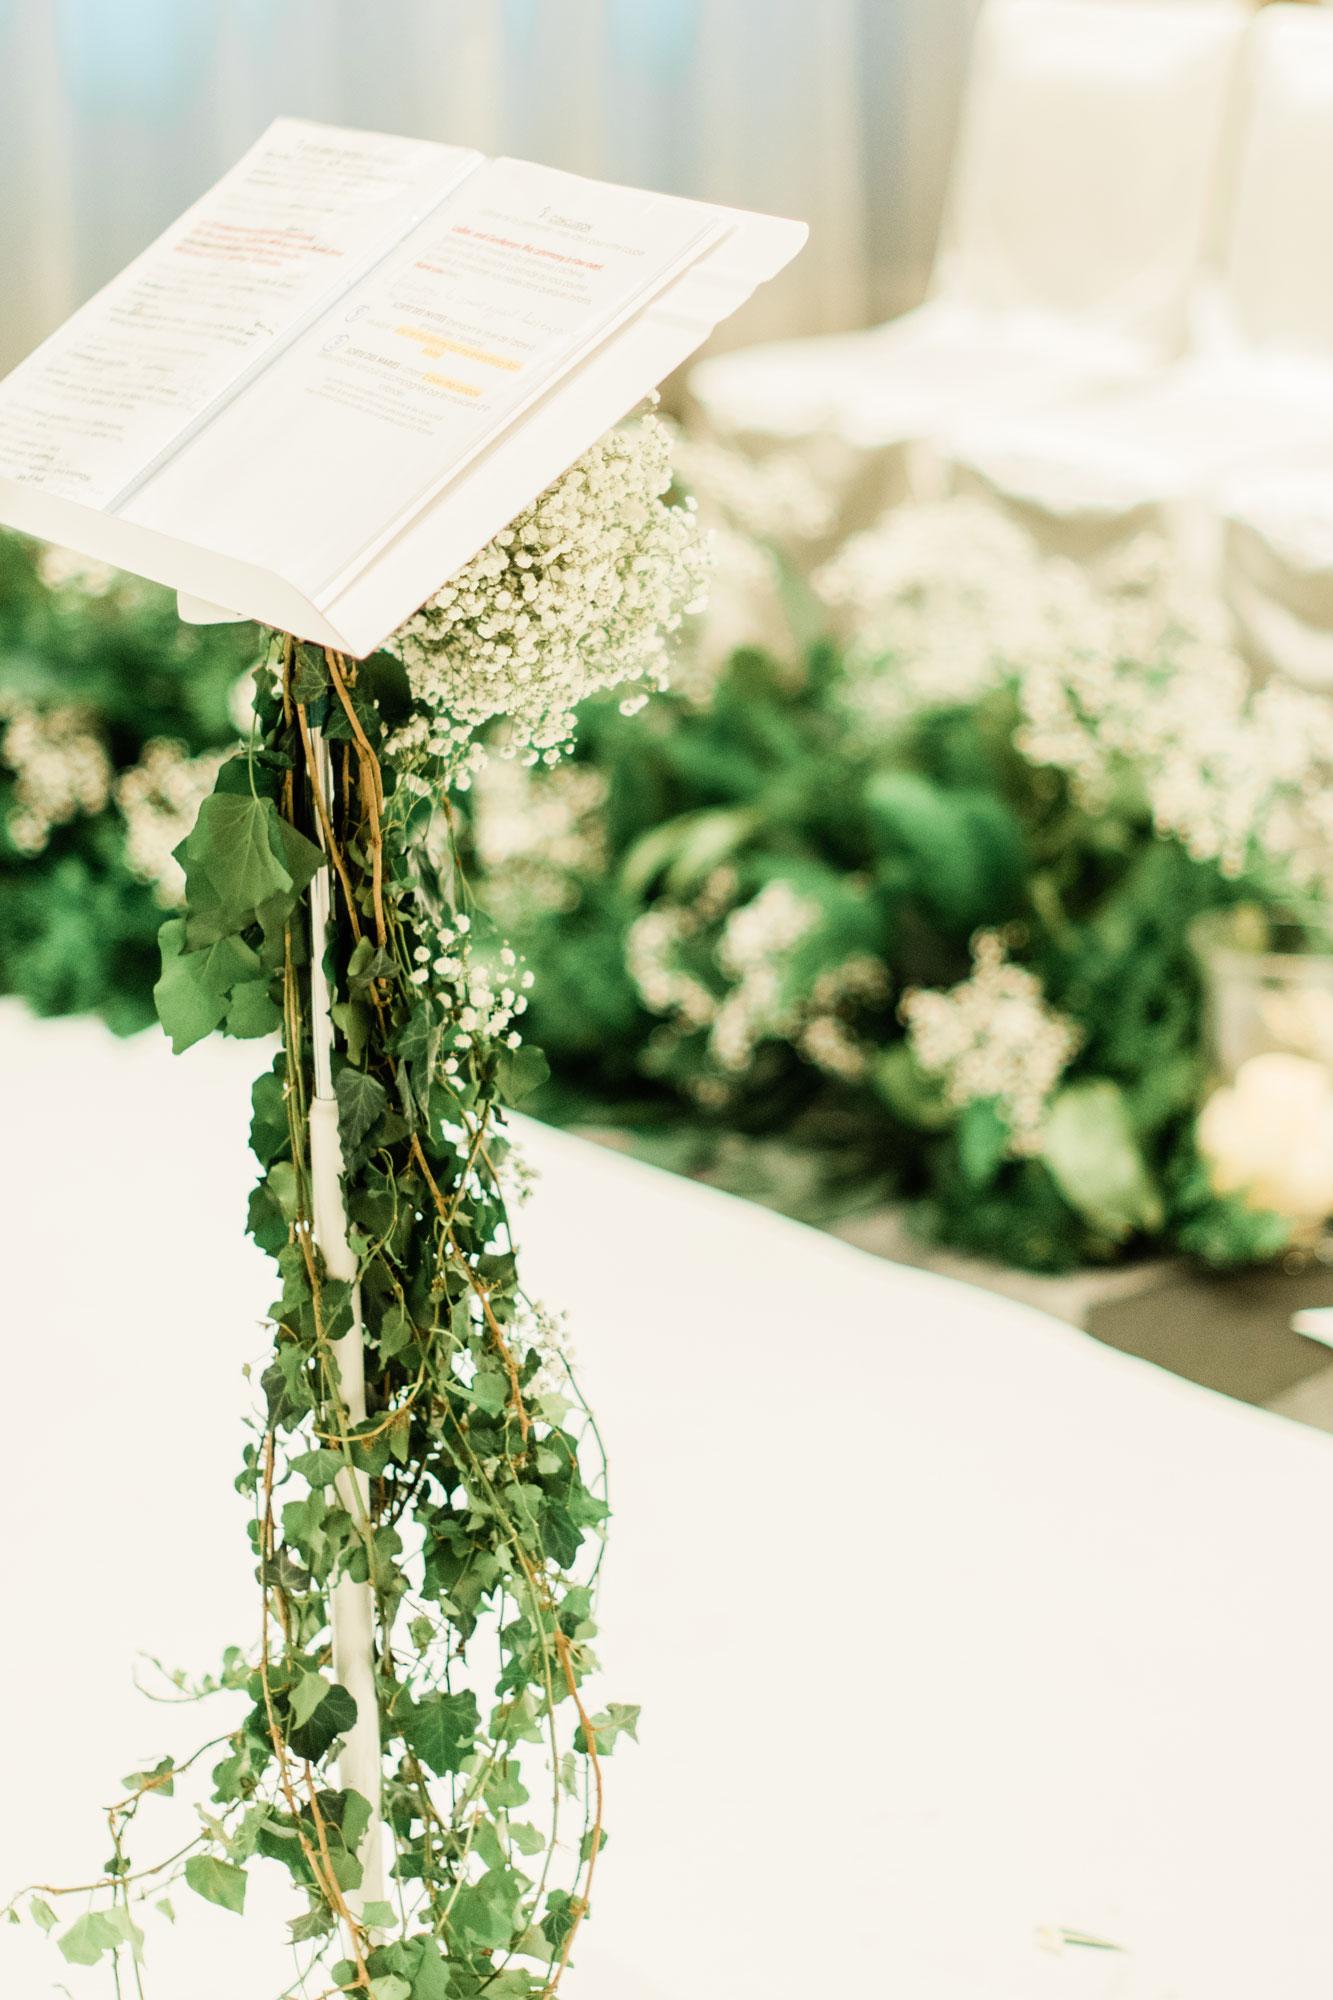 maitre ceremonie funeraire enterrement civil ceremonie commemorative anniversaire deces